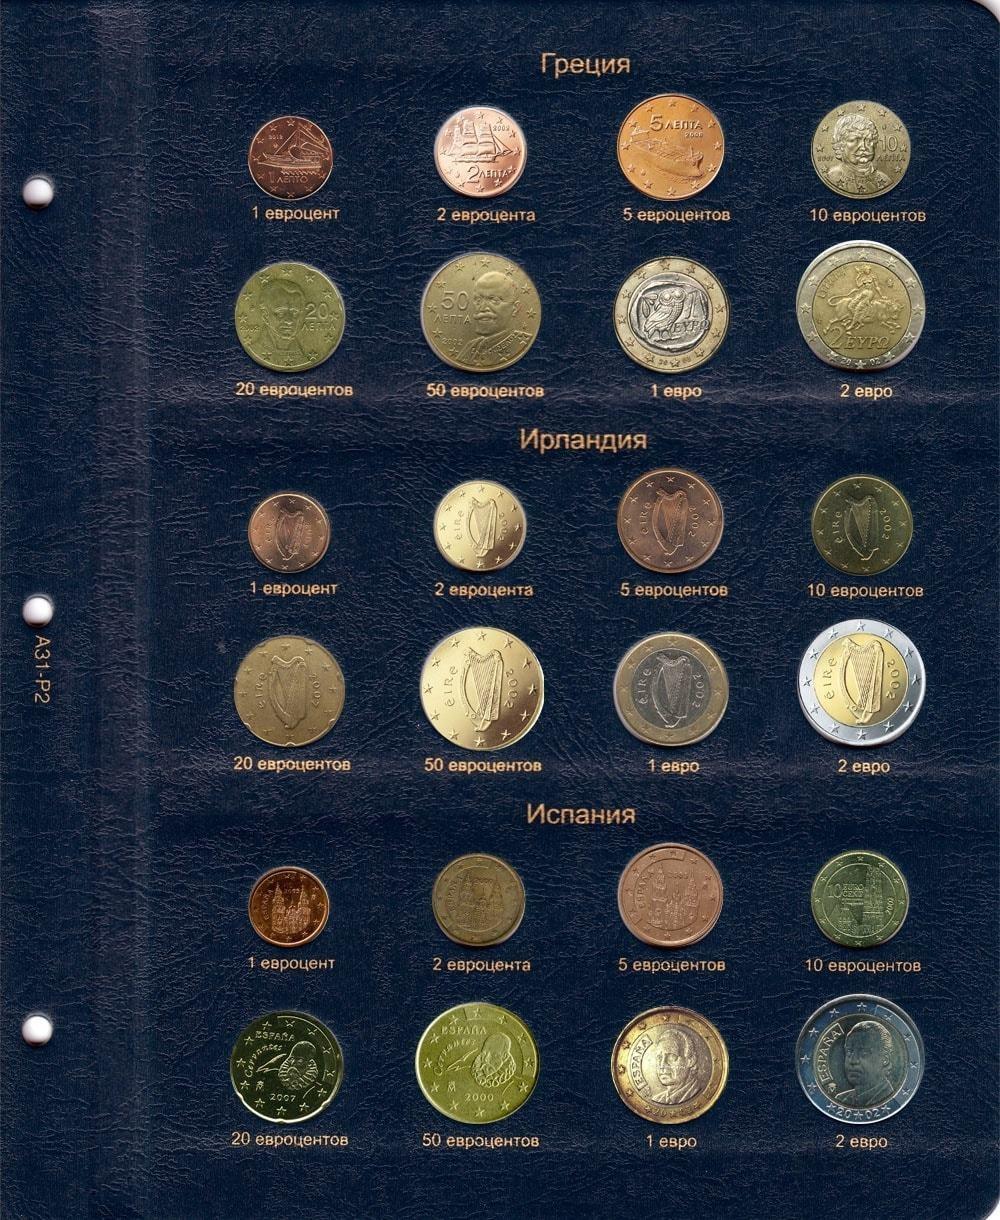 Купить регулярные монеты в москве банк монетный дом